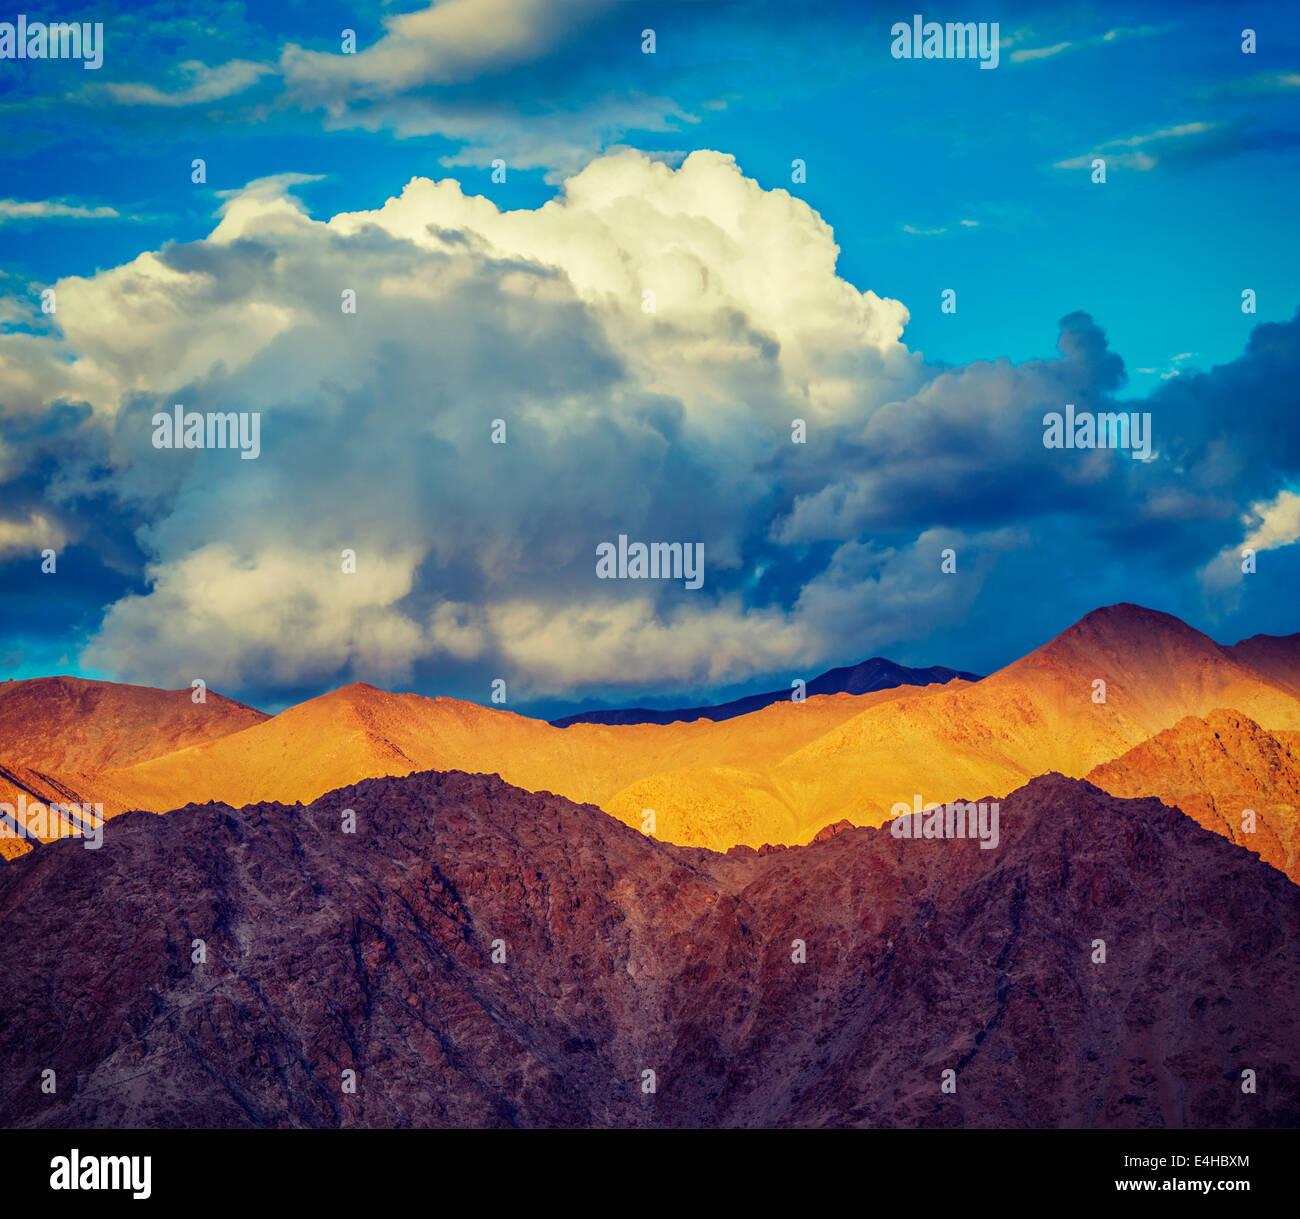 Vintage retro efecto estilo HIPSTER filtrada imagen viajes de montañas de Himalaya en Sunset. Ladakh, Jammu Imagen De Stock